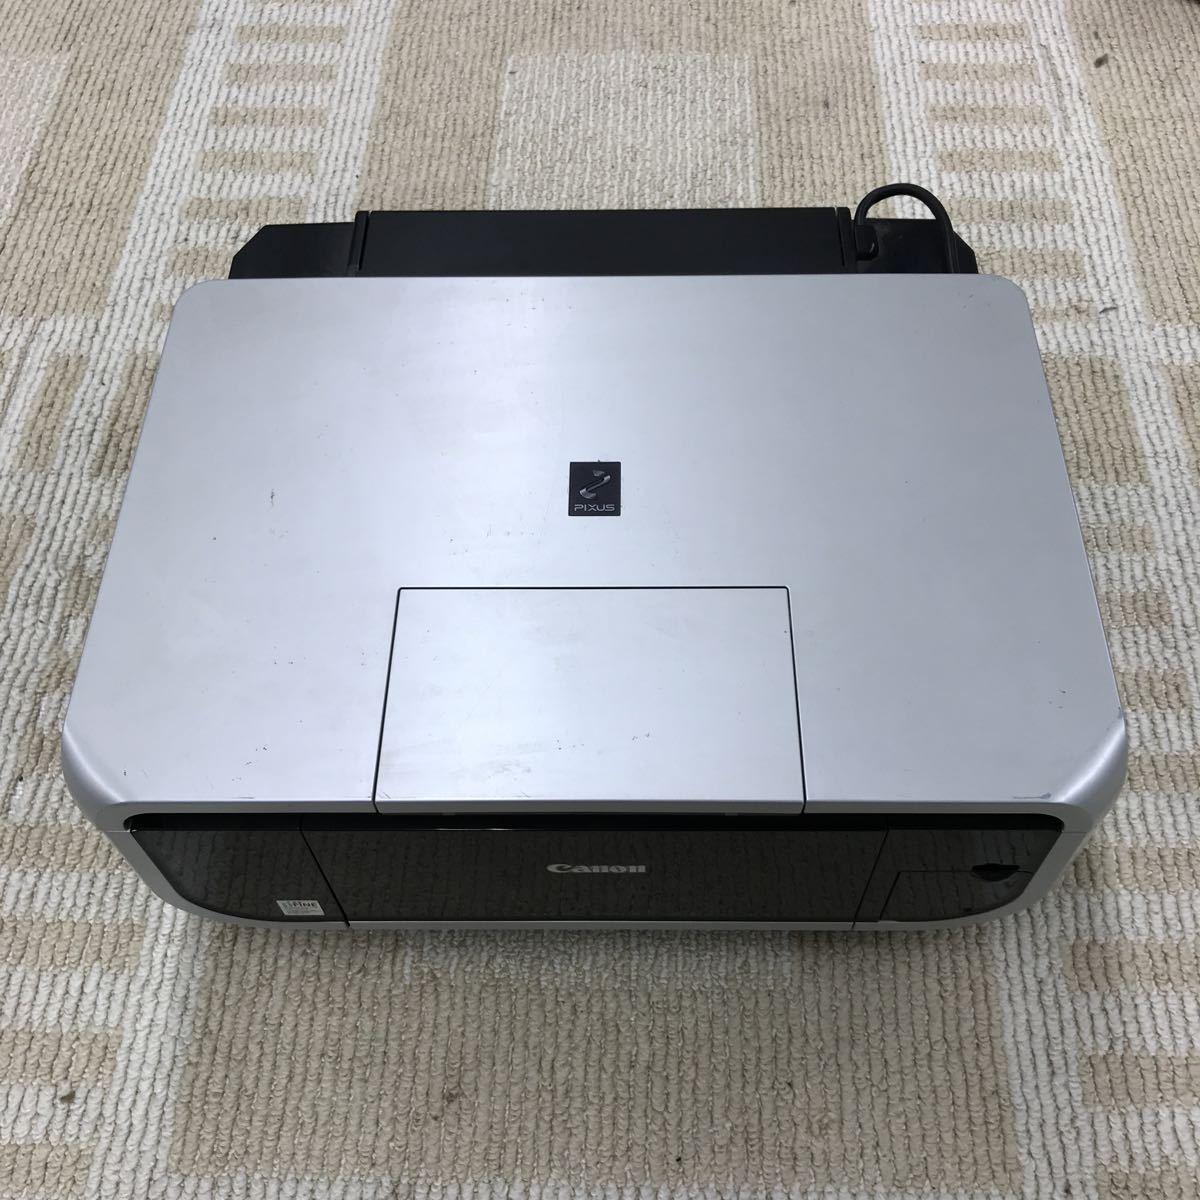 O-33 0714 Canon キャノン PIXUS ピクサス プリンター インクジェットプリンター MP600 ※コンセントコードありません ※動作未確認です_画像1